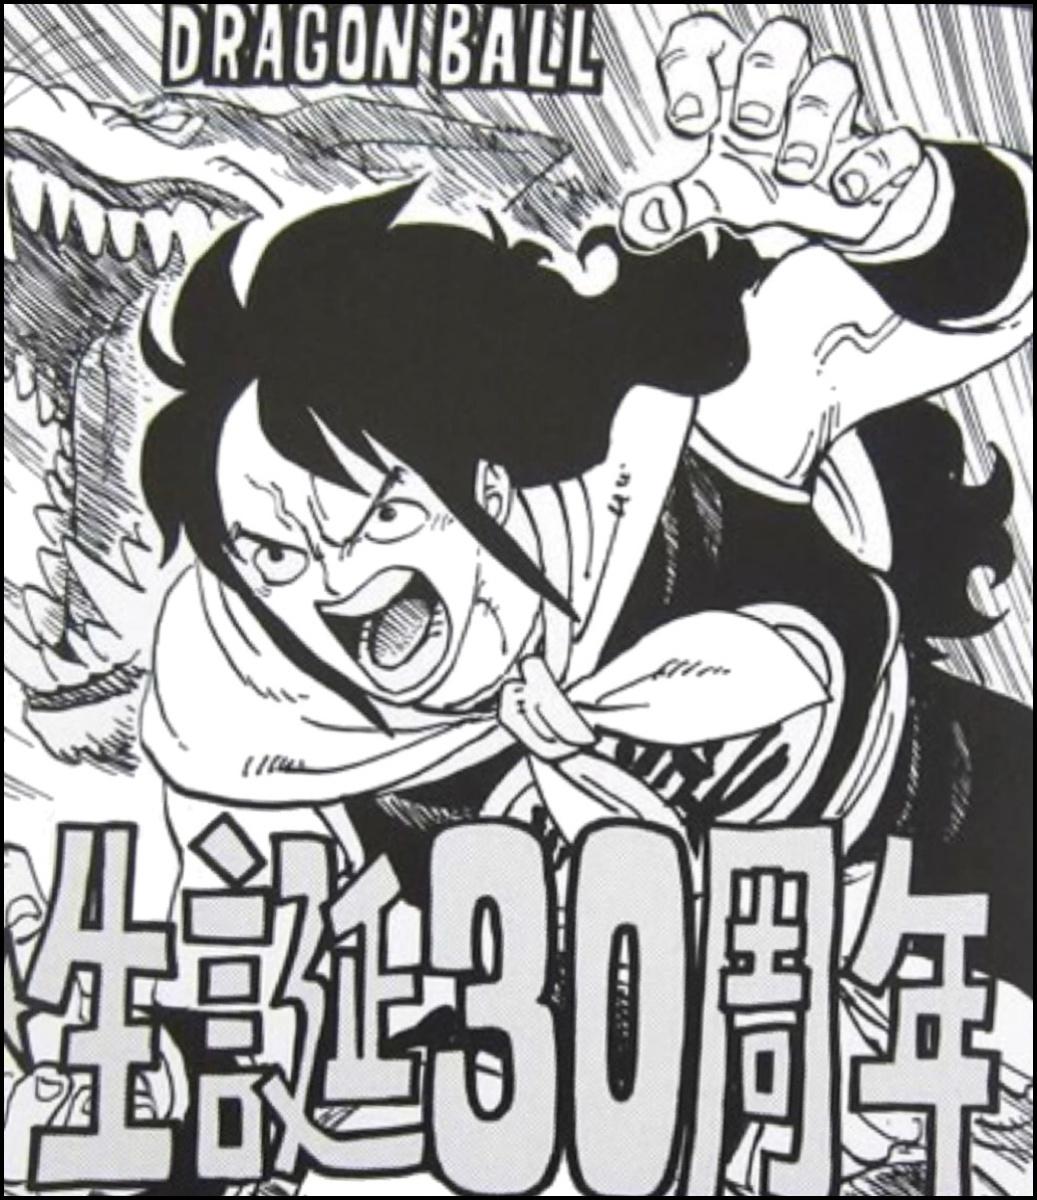 尾田先生が描くヤムチャドラゴンボール生誕30周年 ワンピースlog